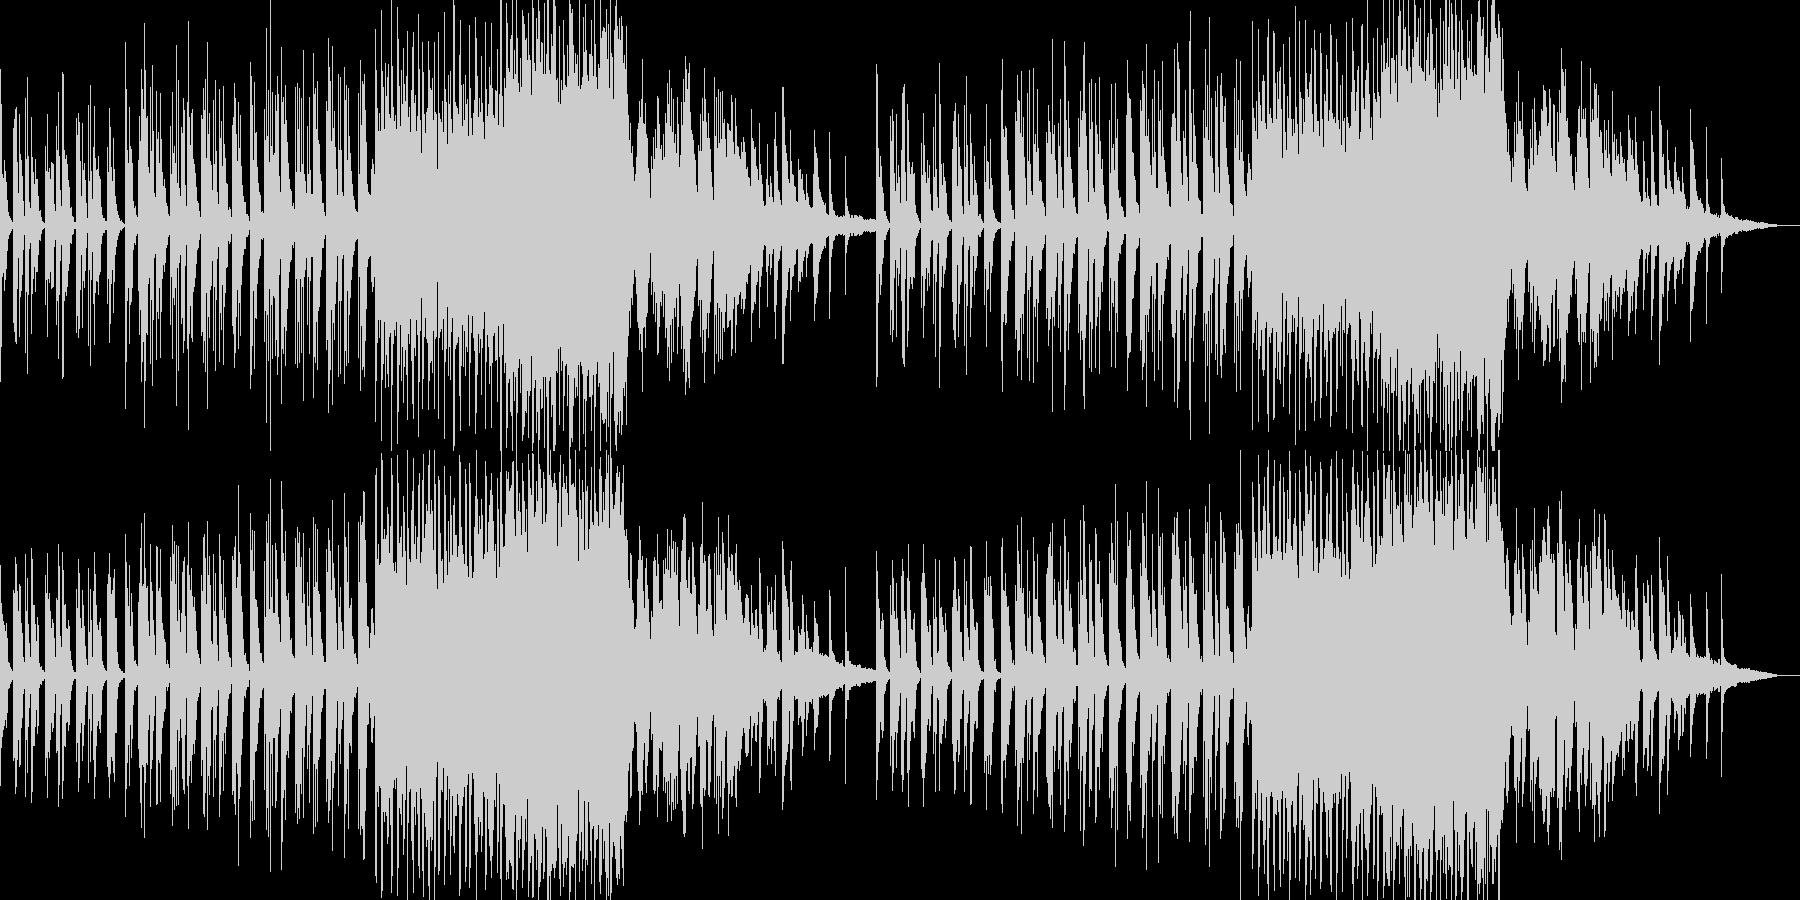 穏やかで神秘的・幻想的なピアノ曲の未再生の波形